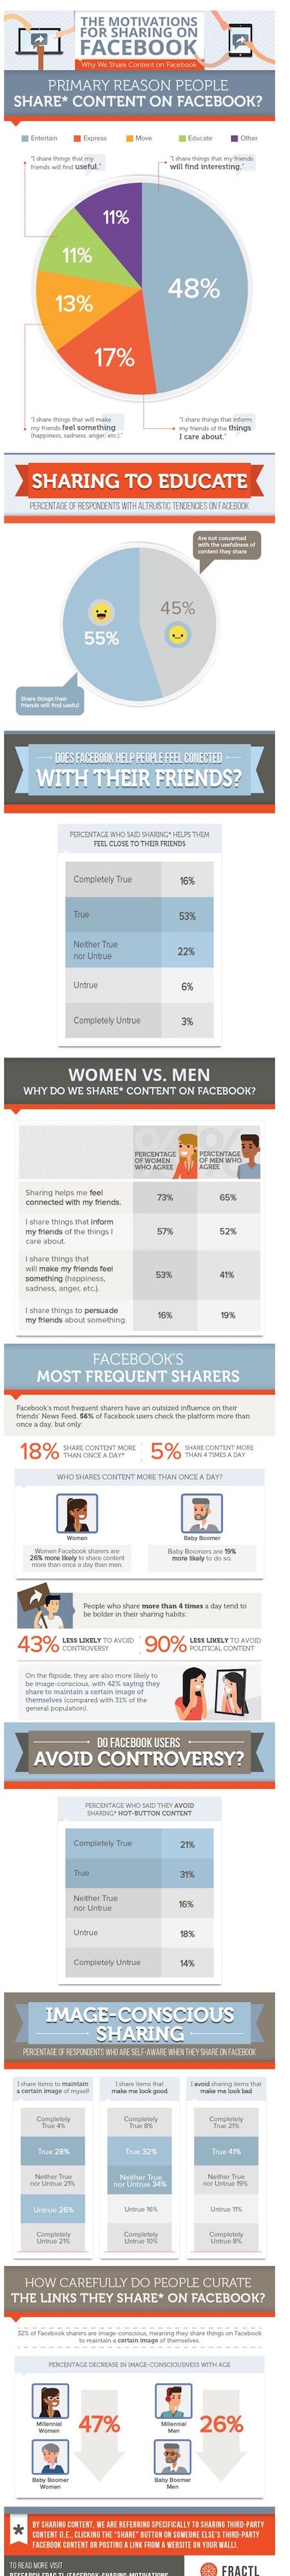 Infographie-sur-les-partages-Facebook (1)